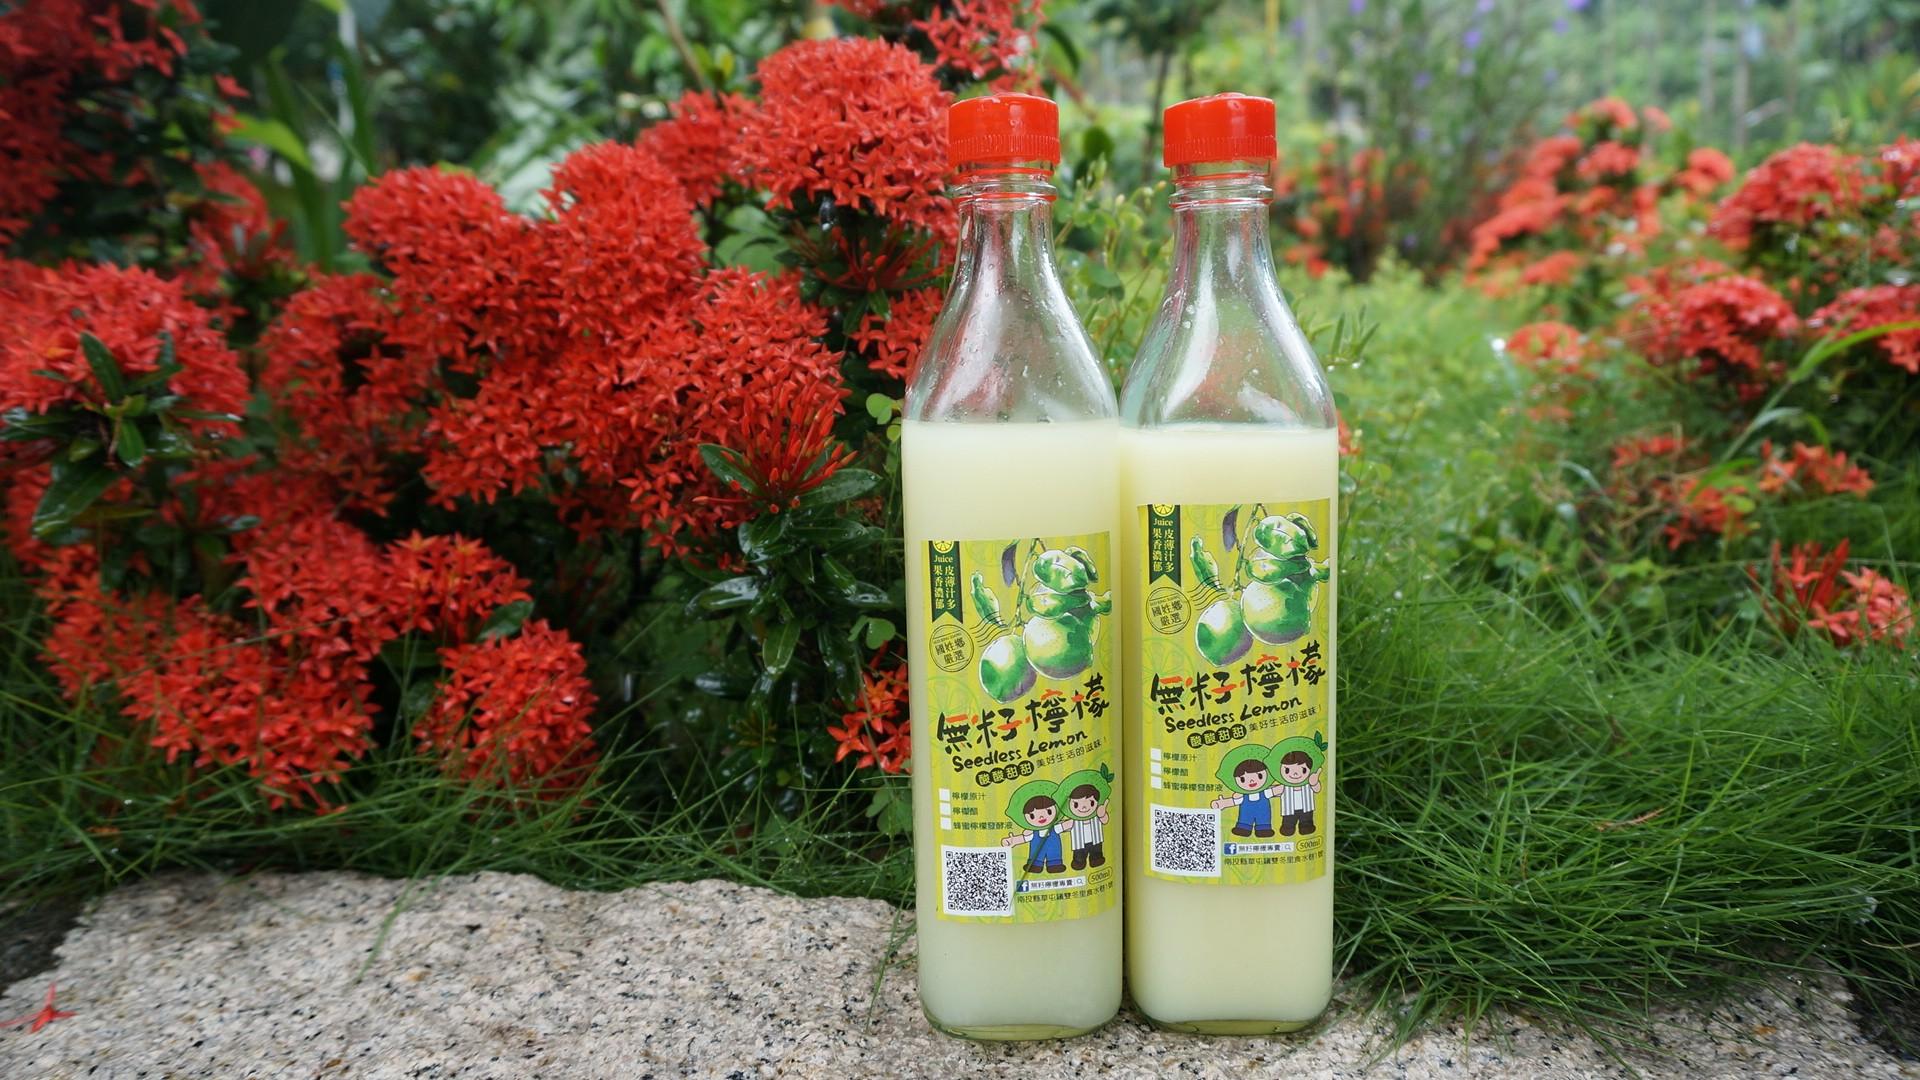 8月特價無毒檸檬原汁 | 鮮檸檬汁 | 檸檬汁 | 檸檬水 | TLS全新生活 (5瓶裝)500cc&【結帳】輸入折扣碼「IU205AQRTSRP」,在打【85】折